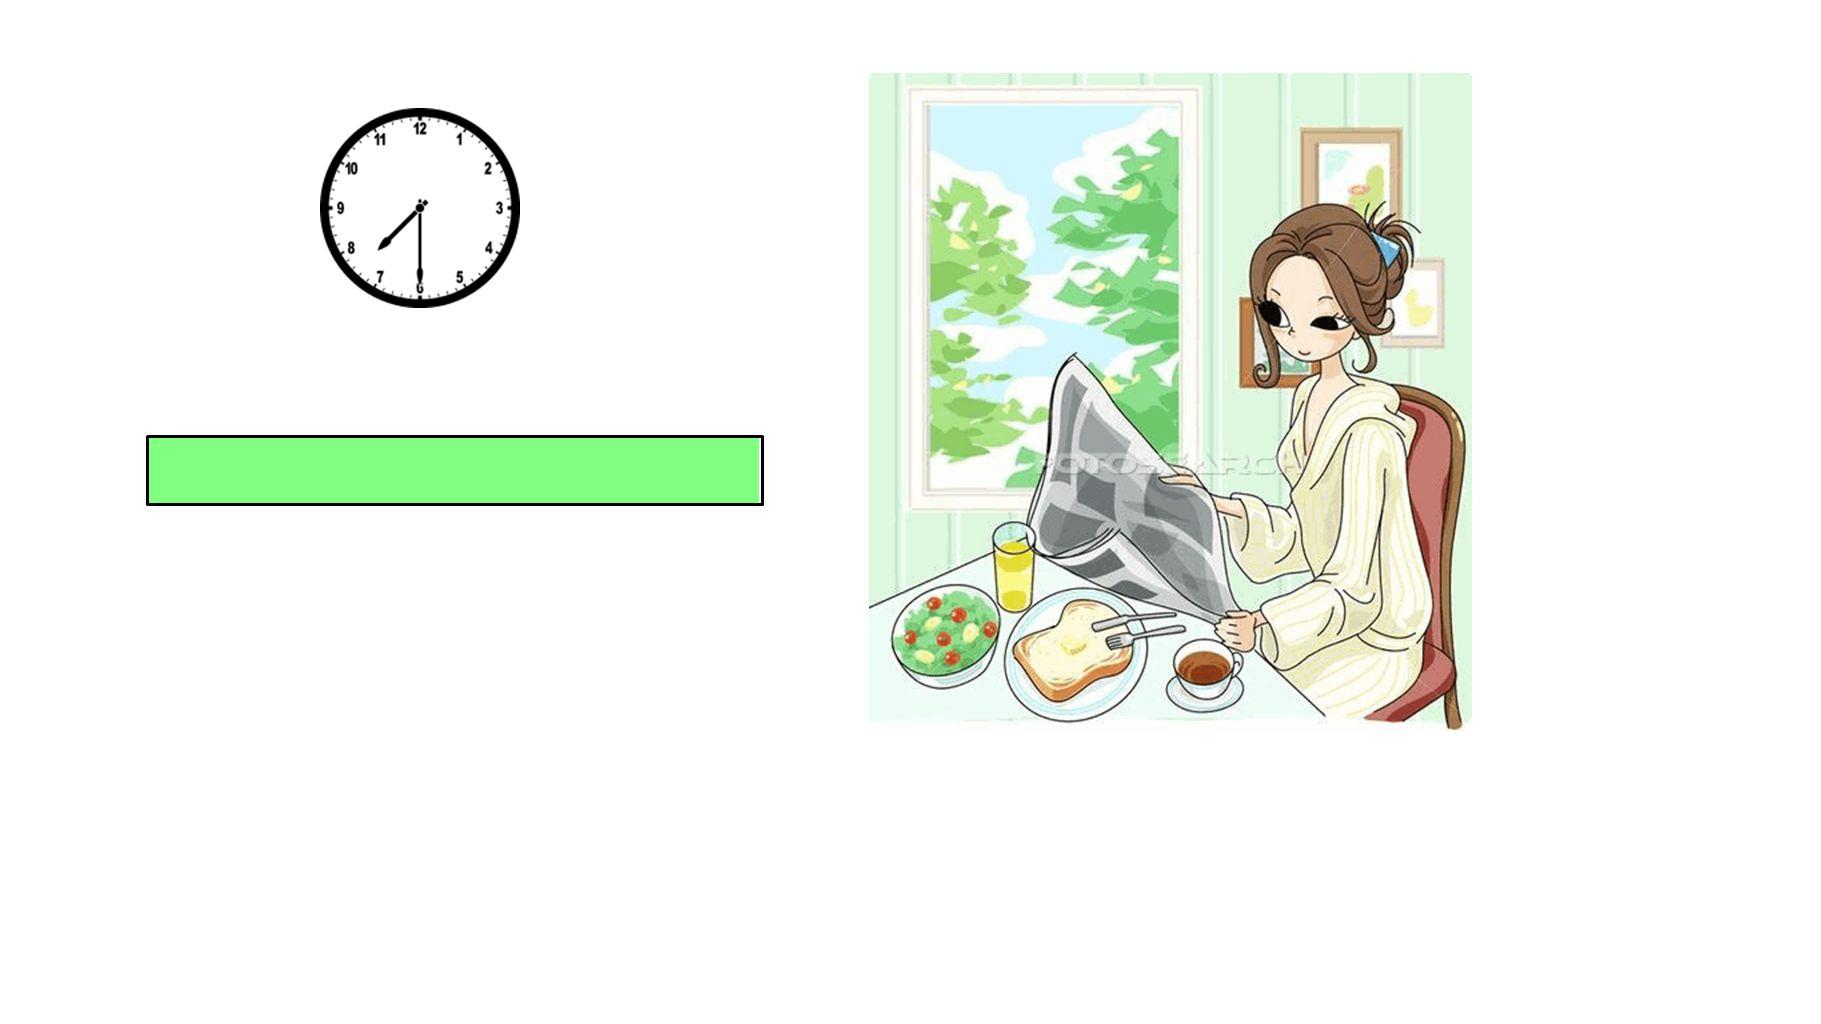 Sie isst Frühstück um halb acht.